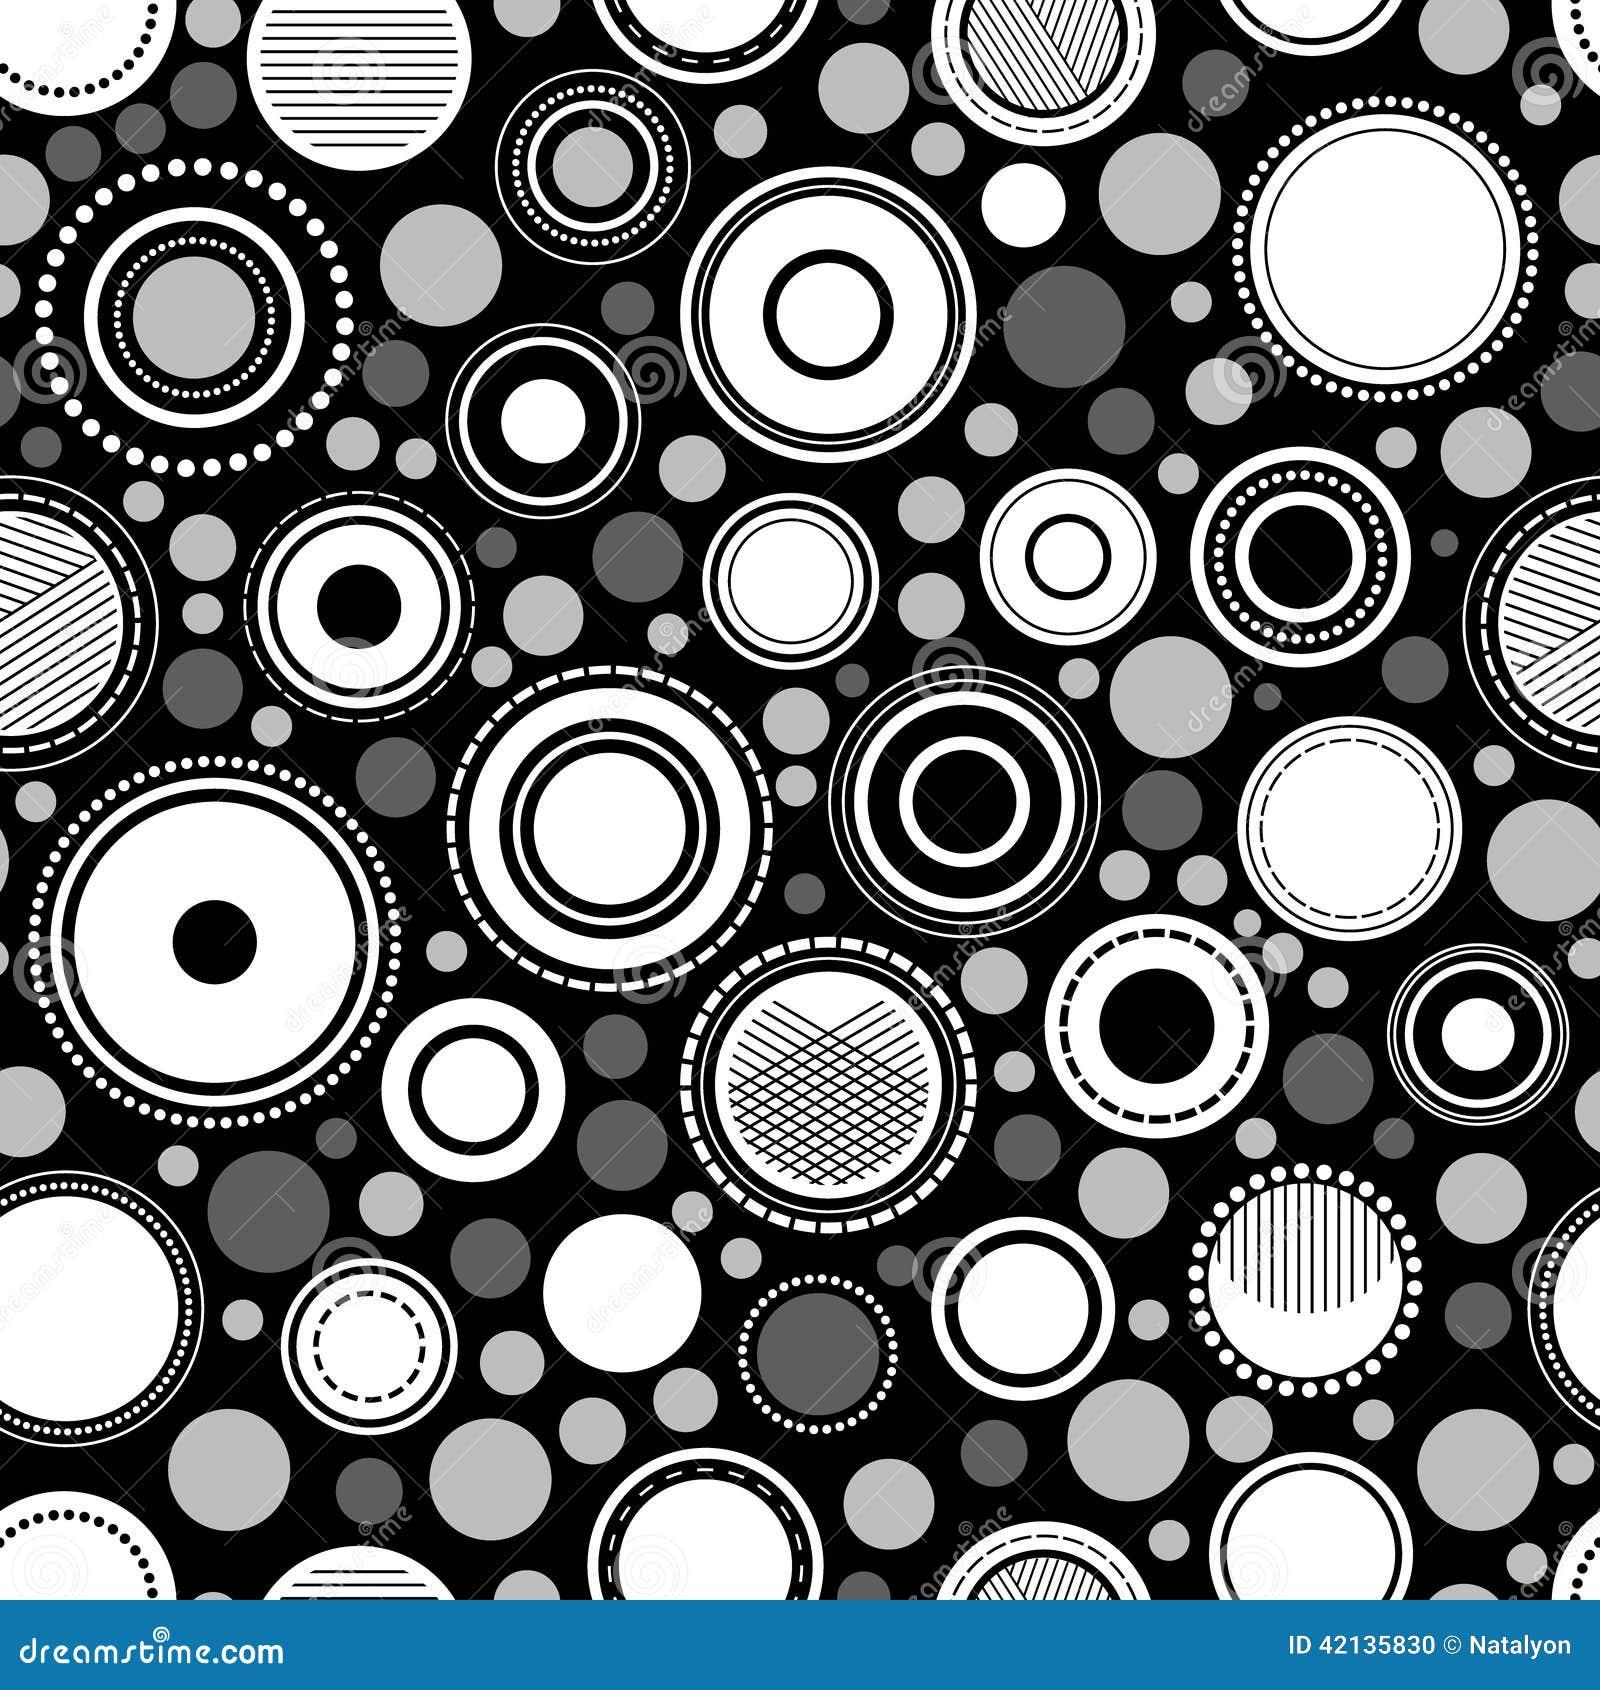 Cerchi geometrici astratti in bianco e nero modello senza cuciture, vettore